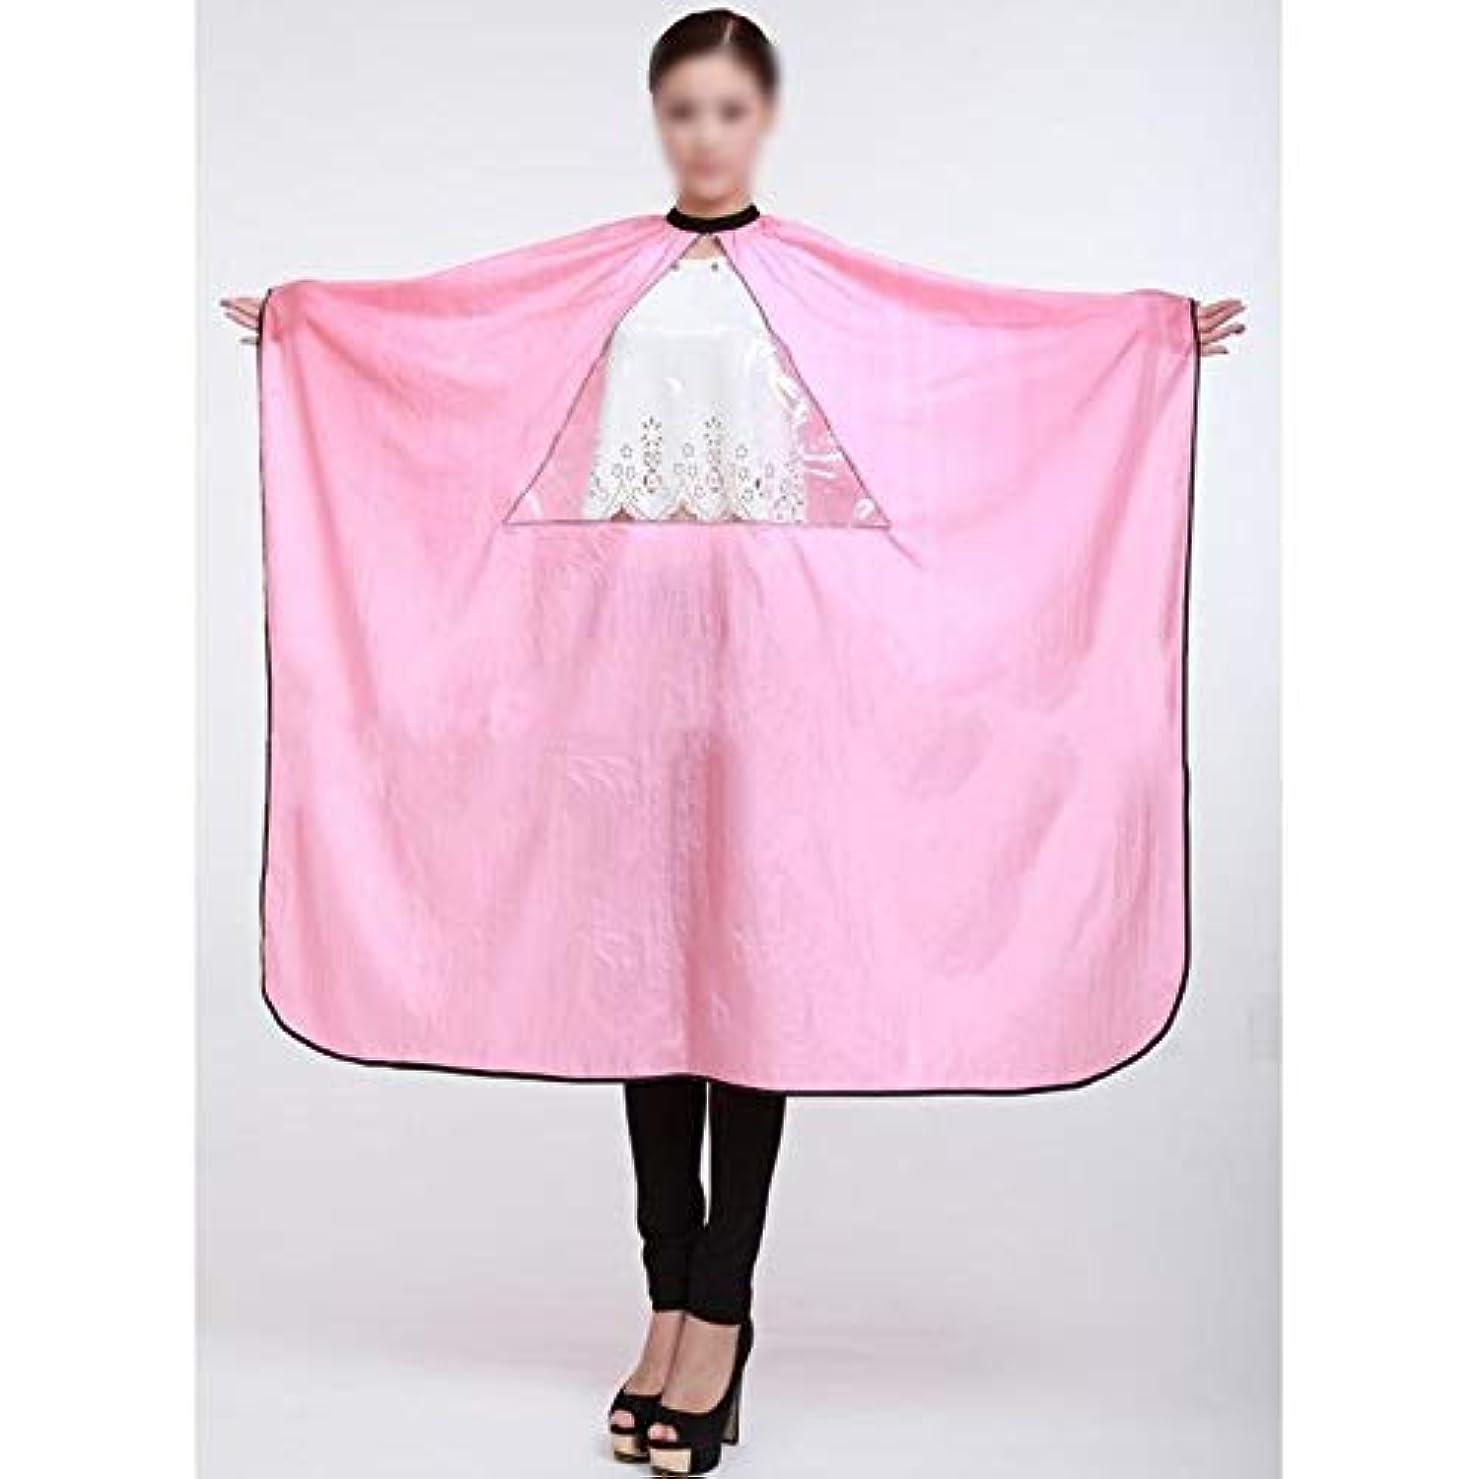 せっかち話す高めるLucy Day 理髪店の防水毛の切断の岬のための美容院のエプロンの毛布 (色 : ピンク)